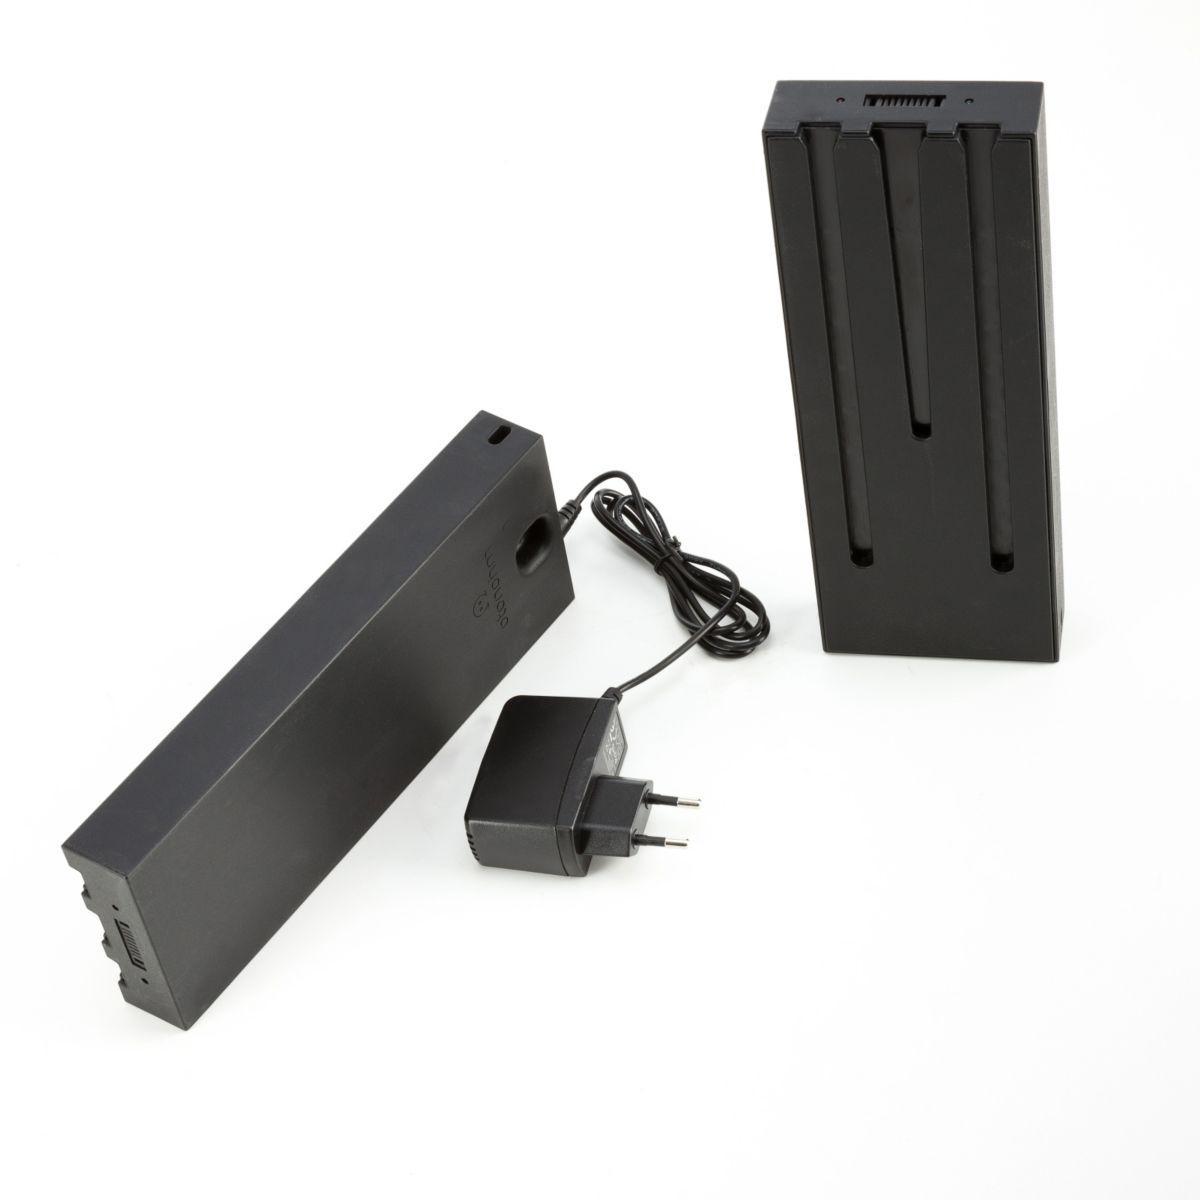 Batterie otonohm 96 wh (photo)